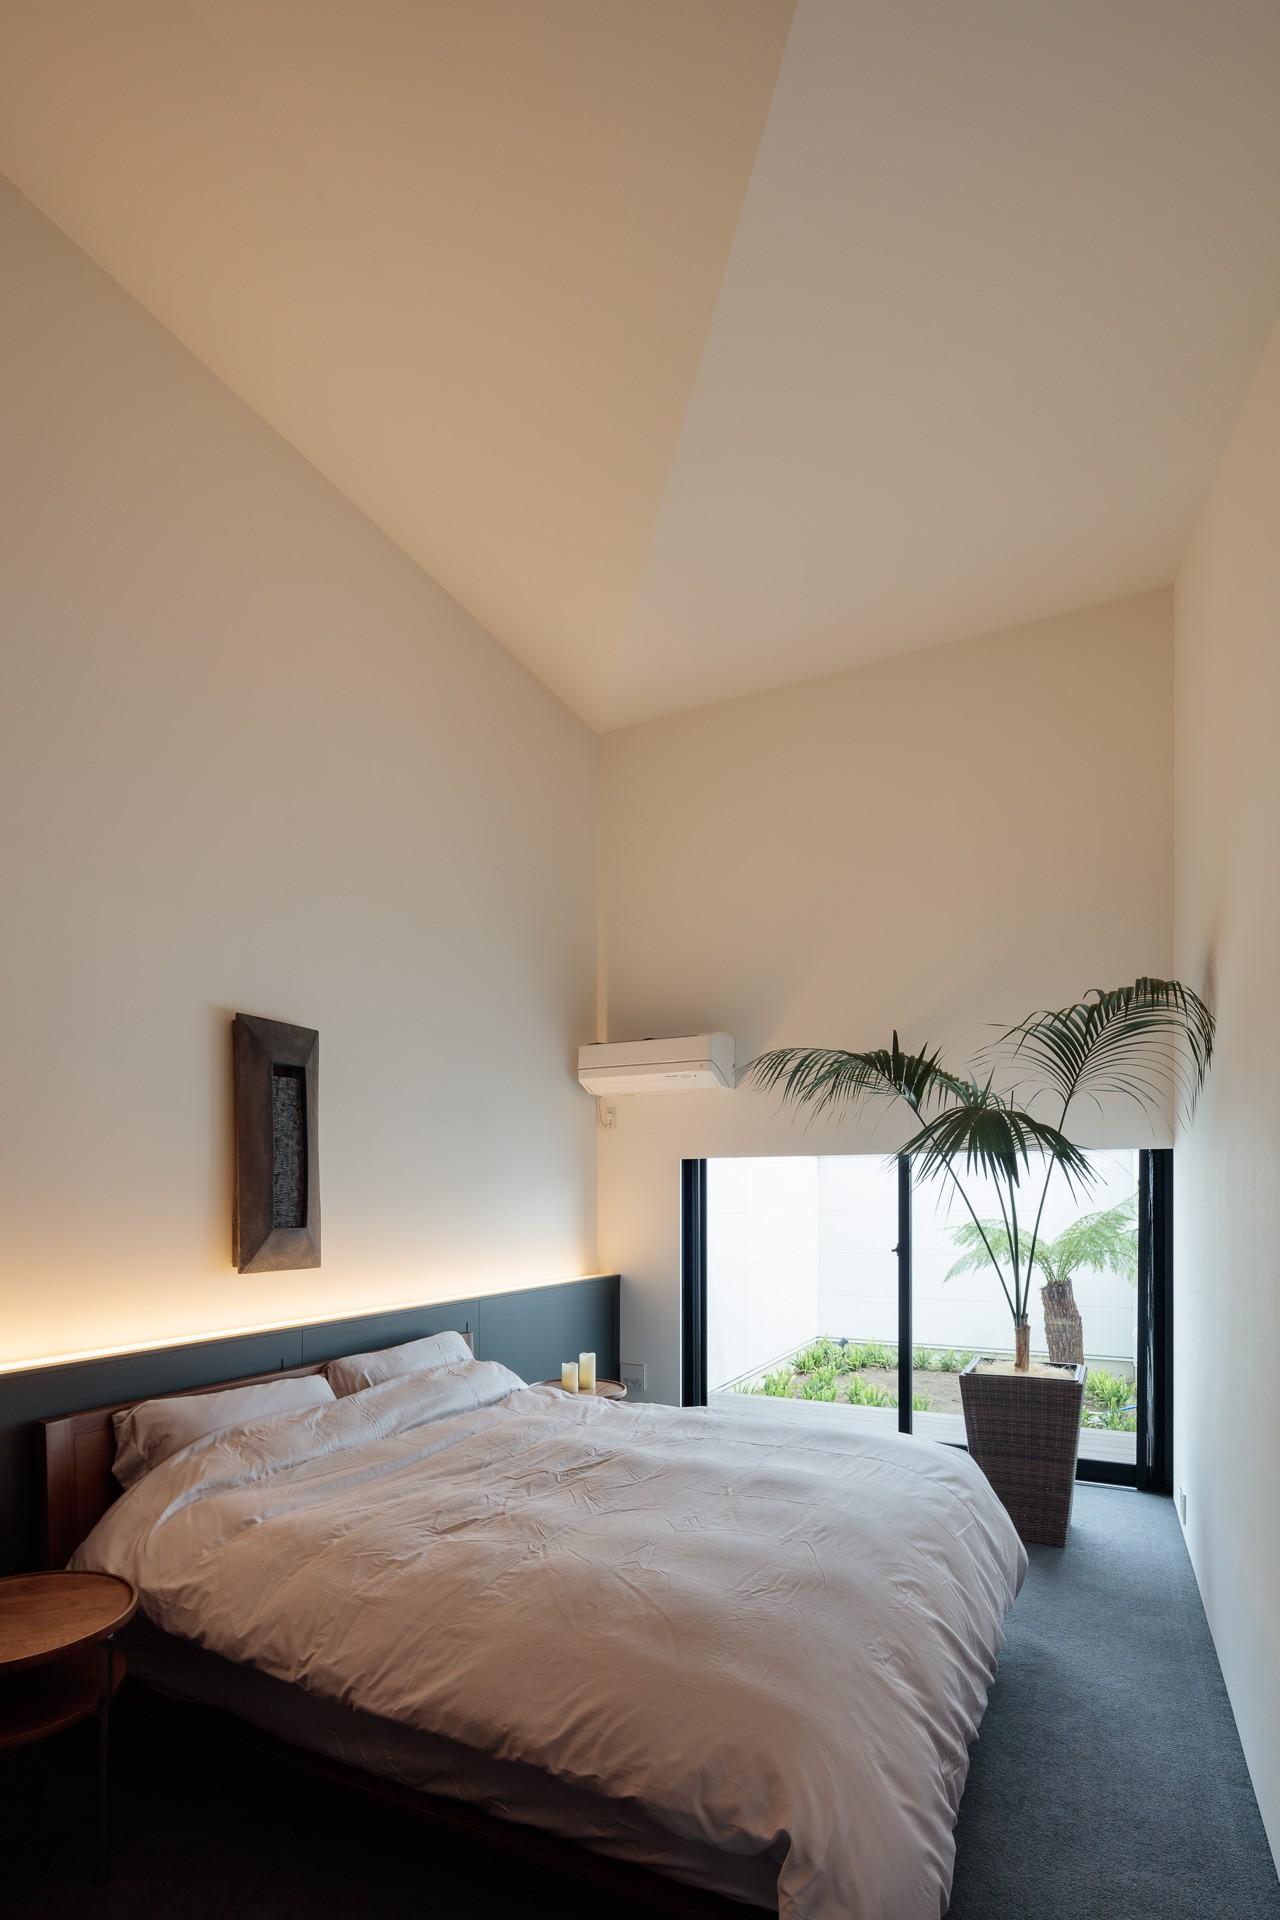 ベッドルーム事例:富津リゾート・ヴィラ(富津リゾート・ヴィラ)